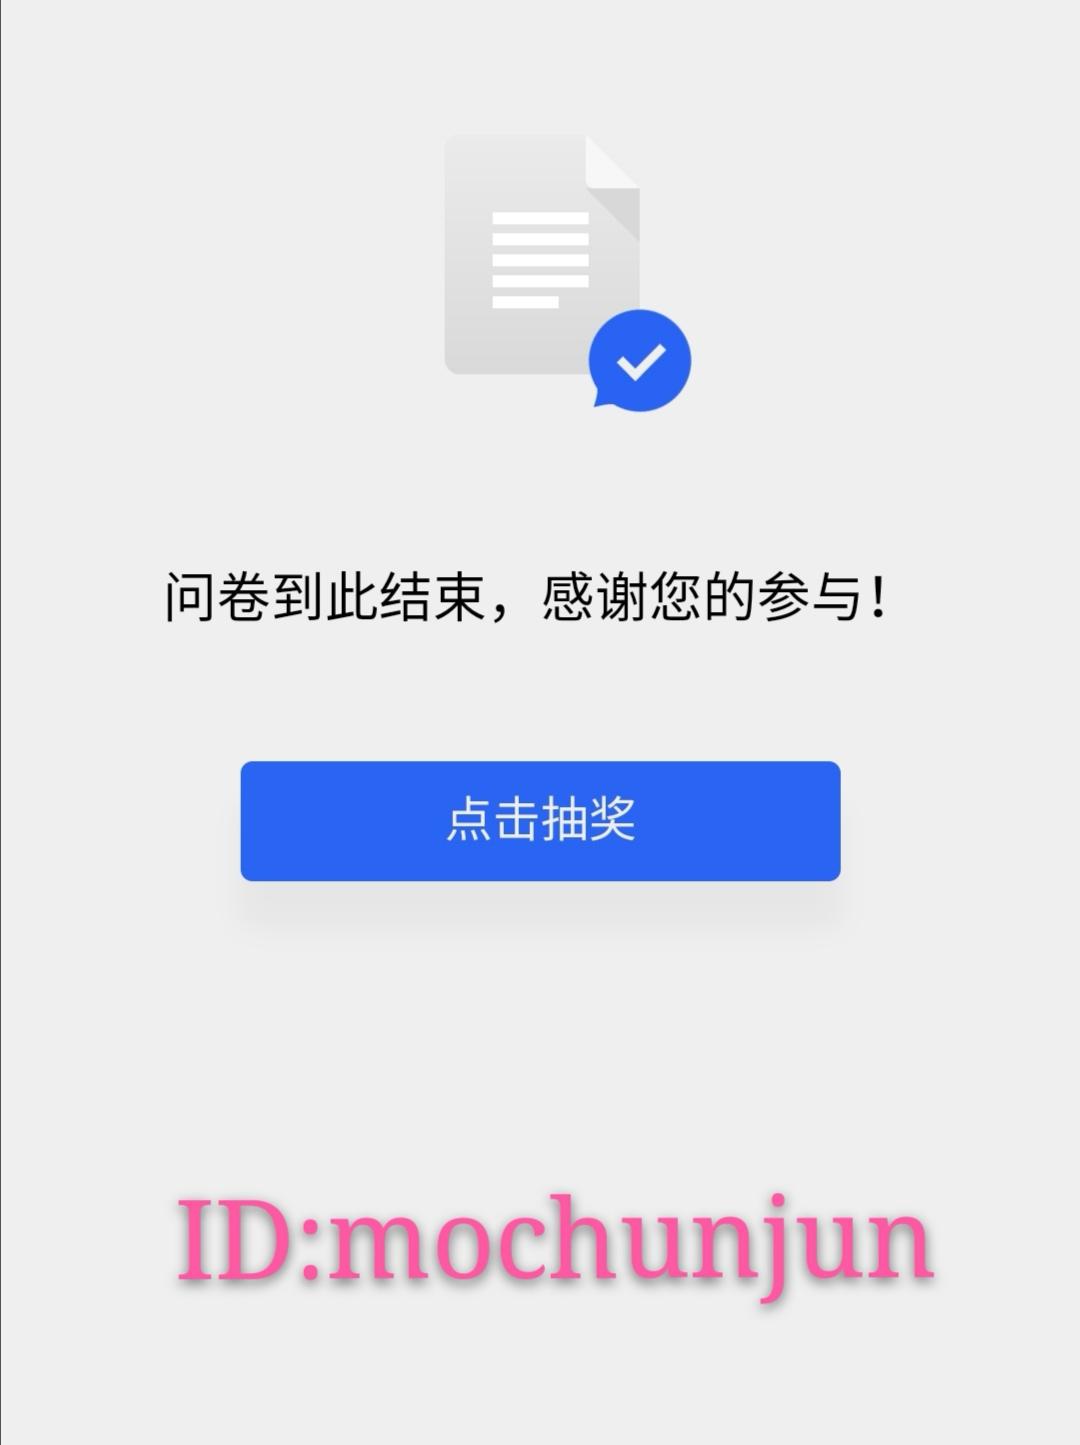 Screenshot_20190506_095519.jpg